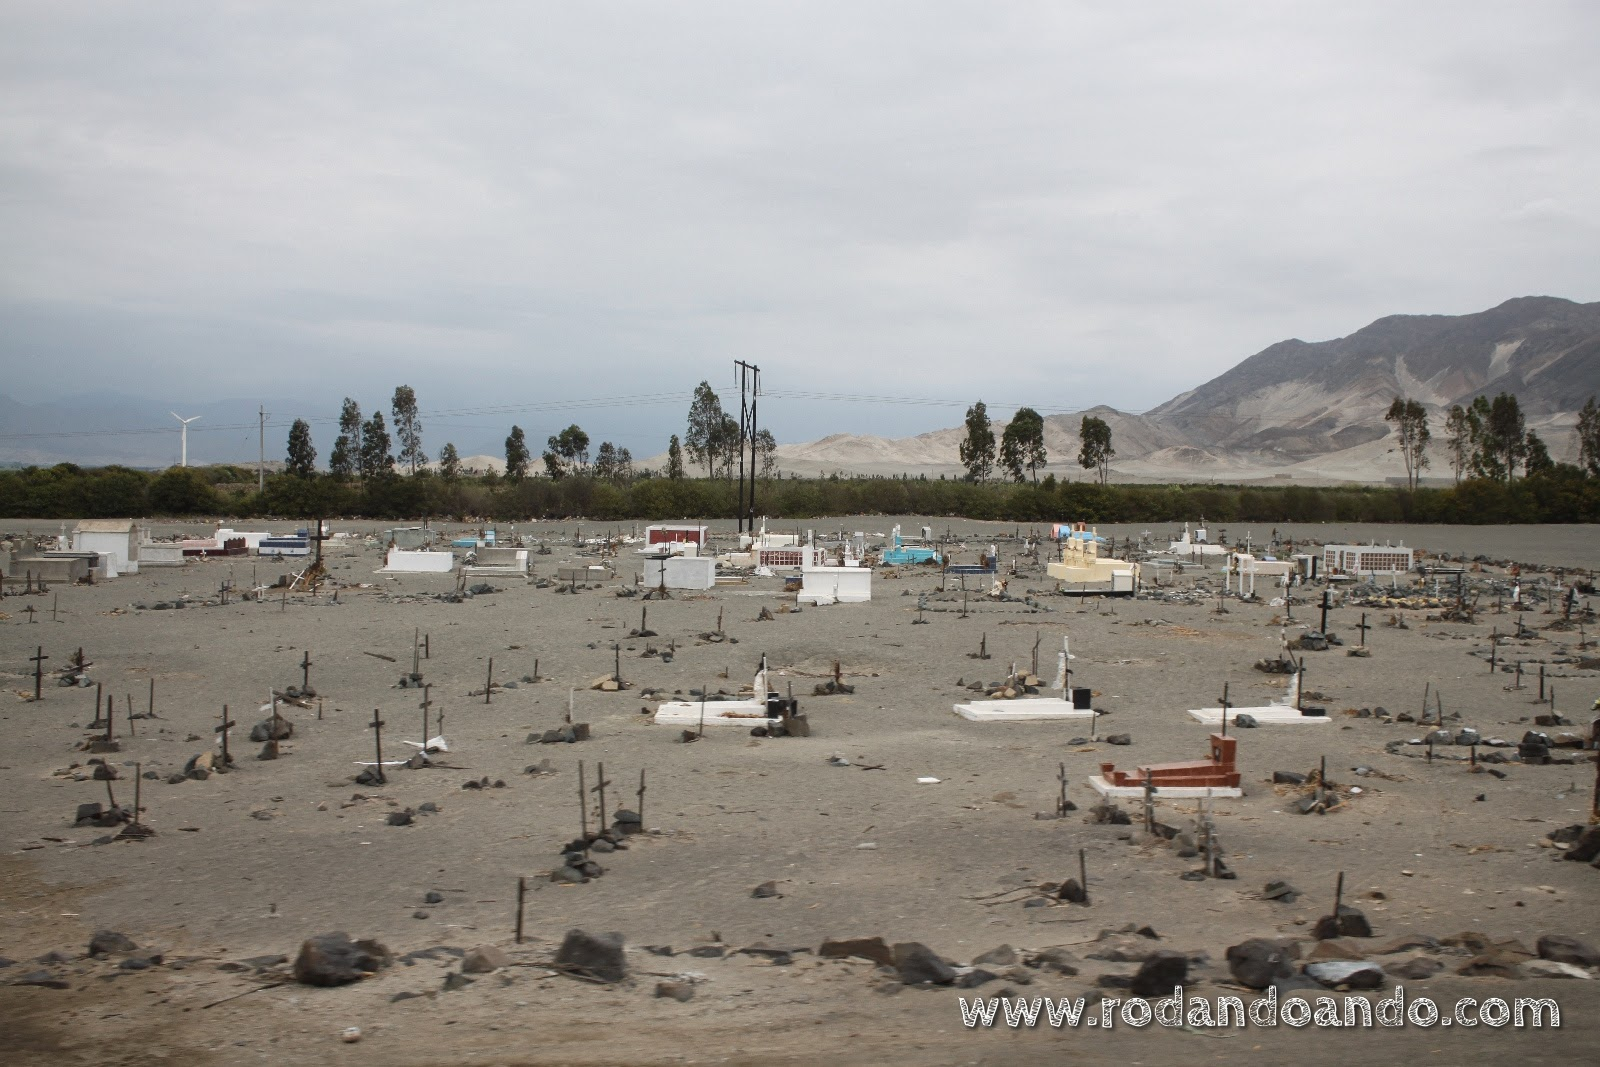 Triste cementerio en la arena, al costado de la ruta